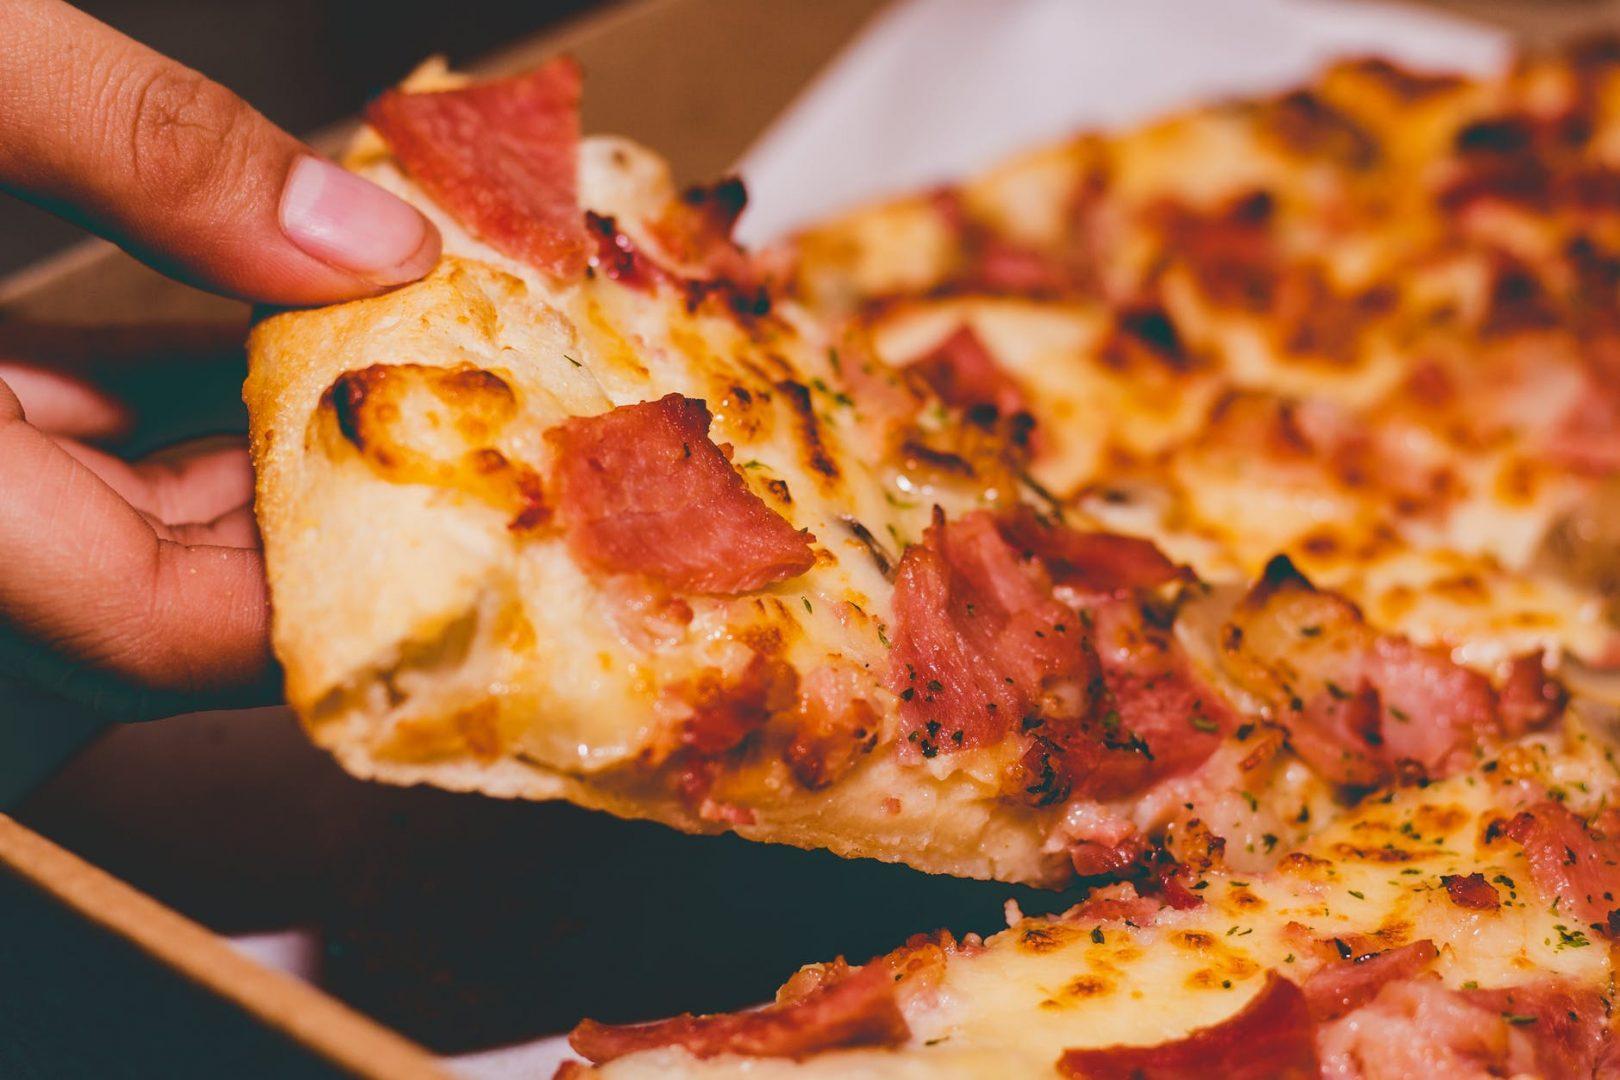 Pizzaria em Valparaíso de Goiás: encontre as melhores